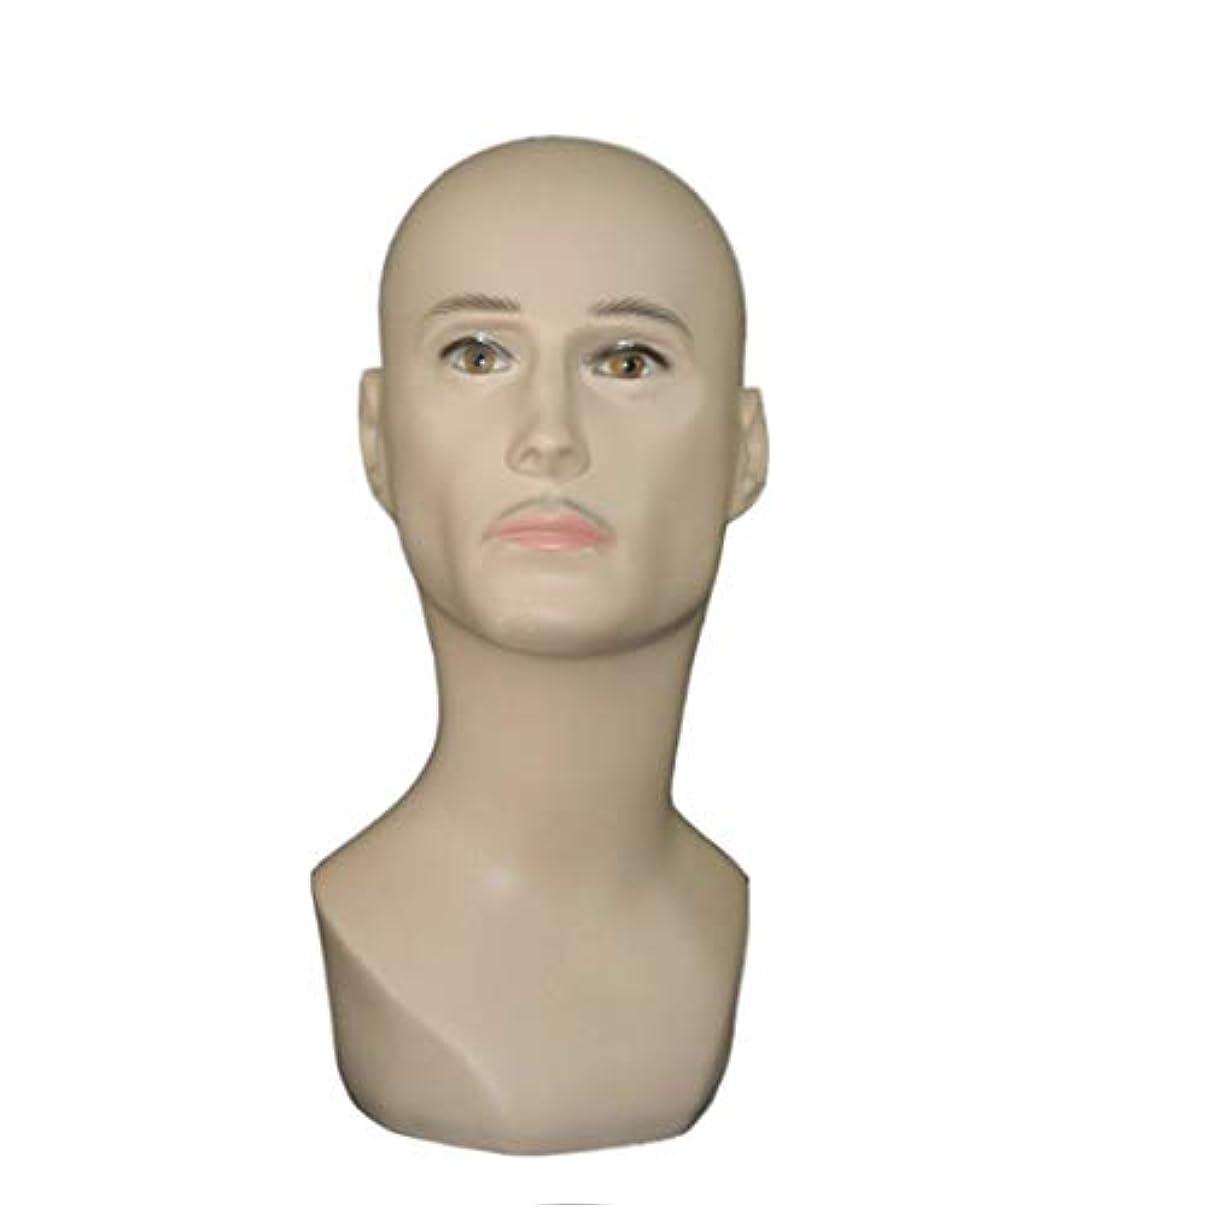 航空会社重要なフィラデルフィアPVCヘッド型トレーニングマネキンフラットヘッド練習、ヘッド美容男性ヘッド型メガネ&caphatショーマネキンヘッド モデリングツール (Style : A-Skin tone)